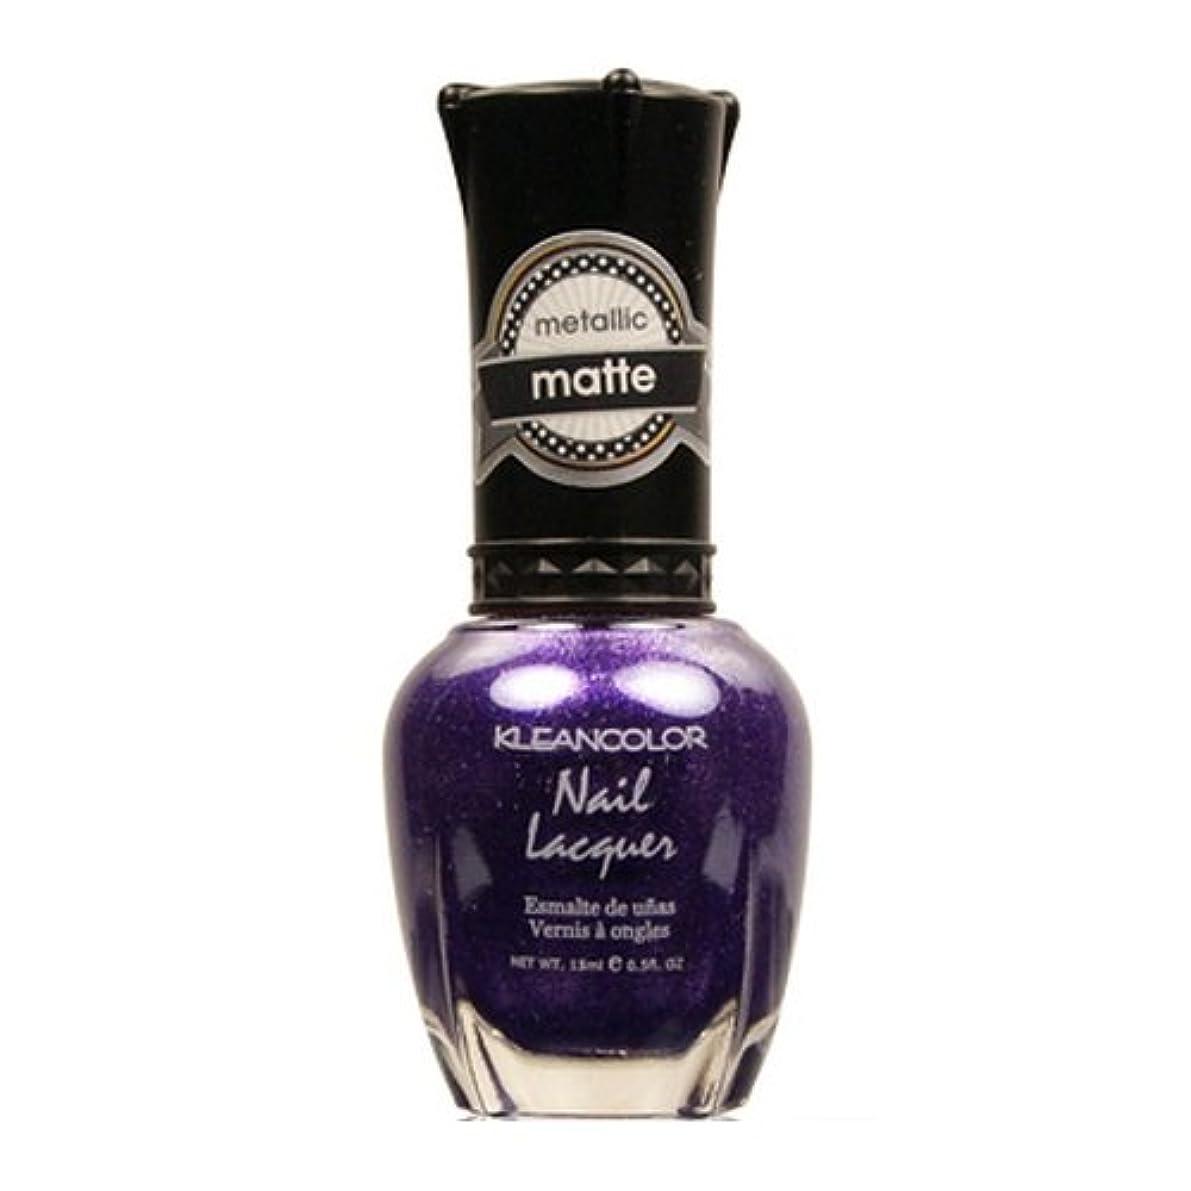 のれん擬人隠された(3 Pack) KLEANCOLOR Matte Nail Lacquer - Bright&Breezy (並行輸入品)